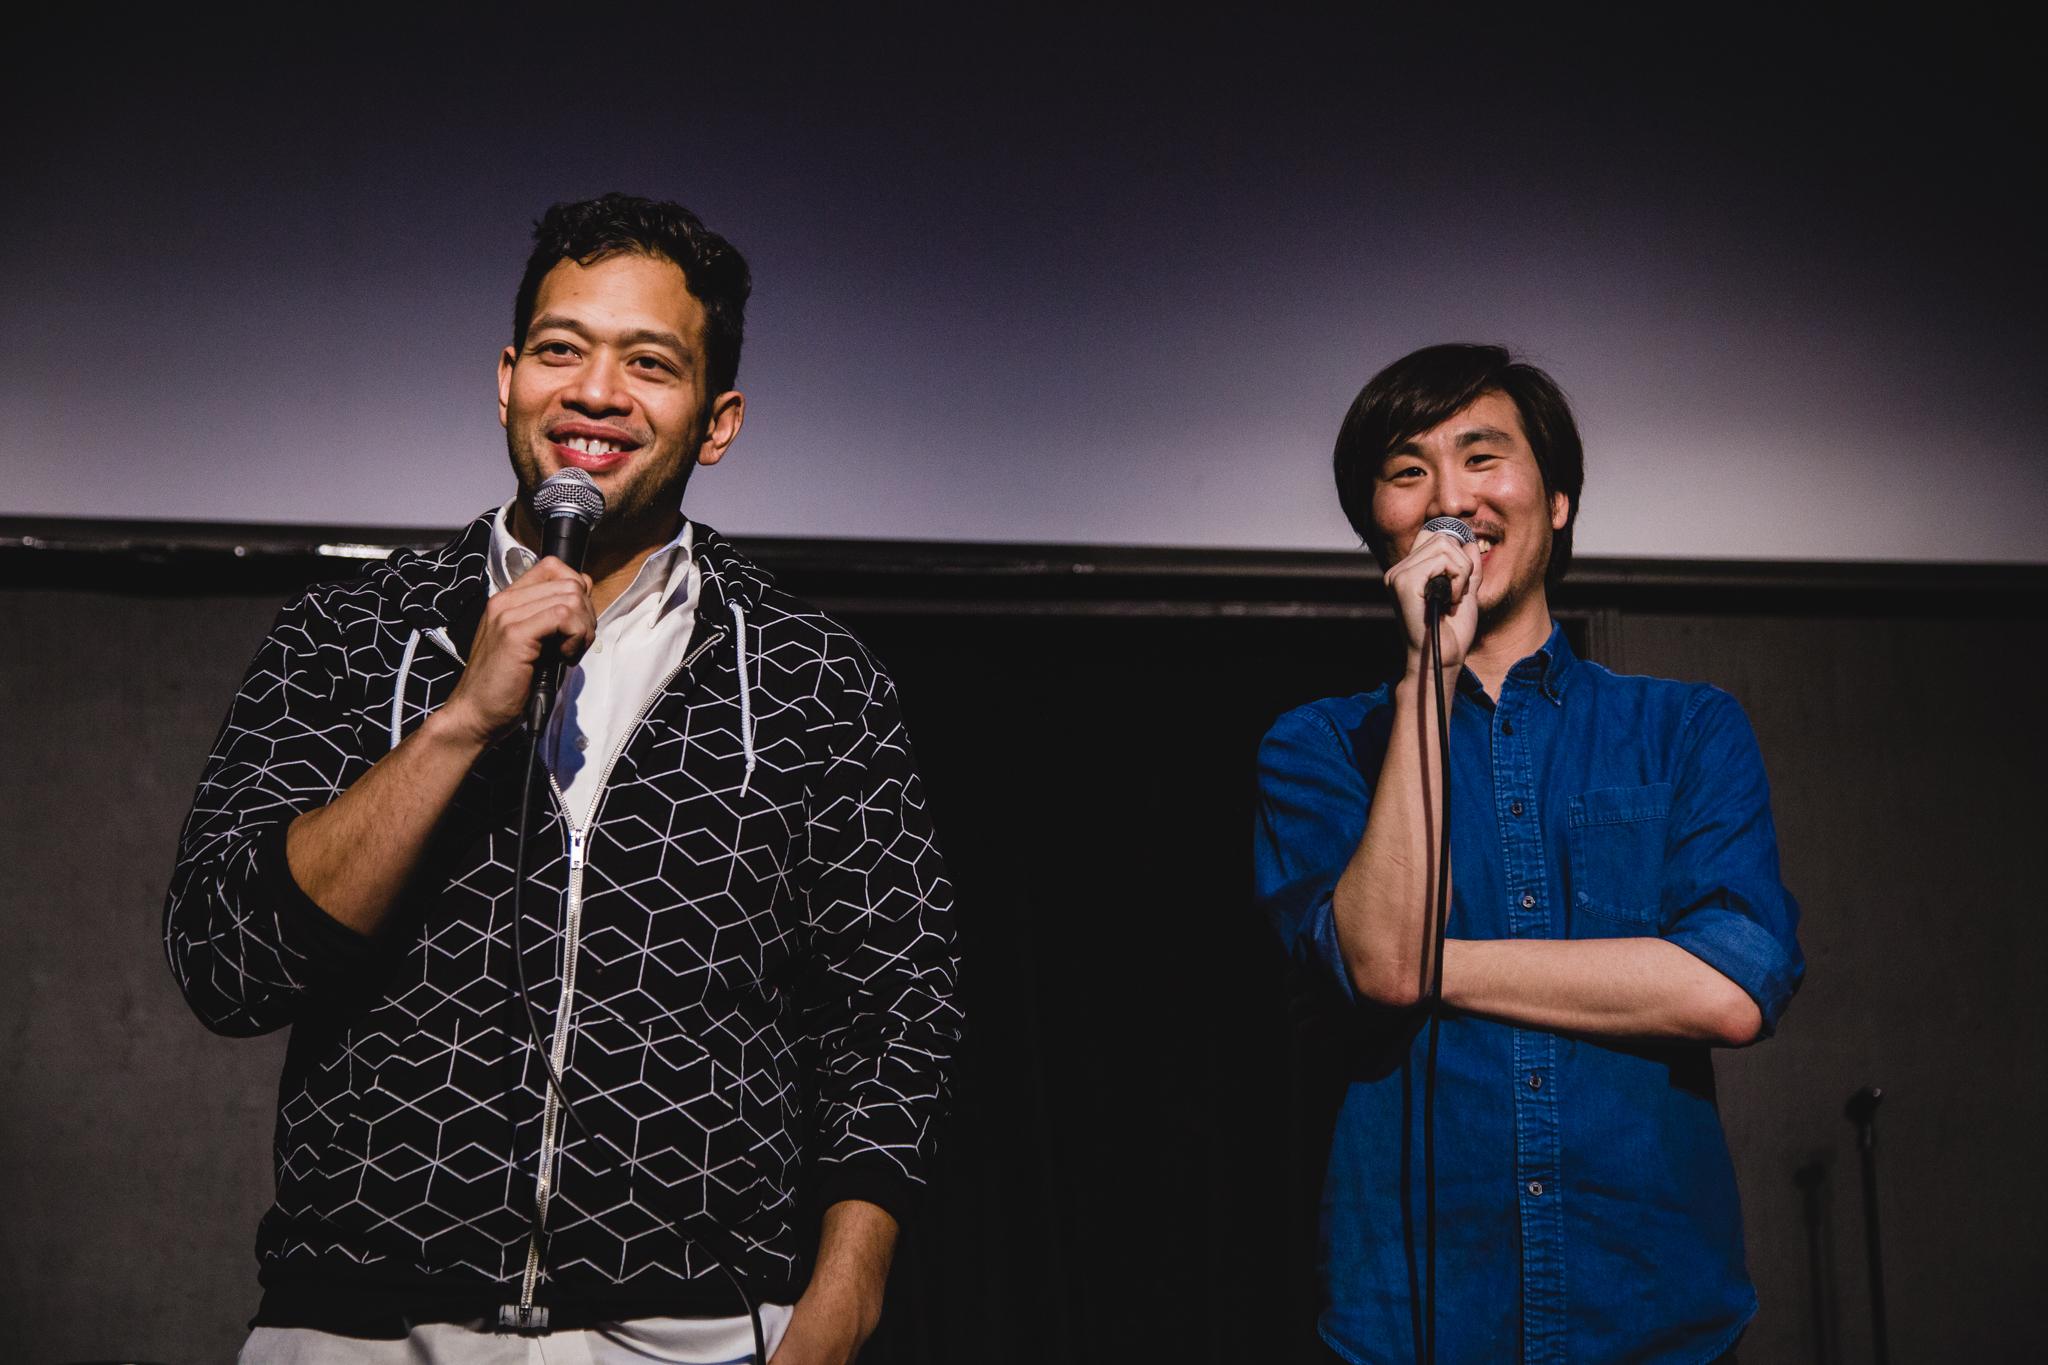 Eugene Cordero & Will Choi